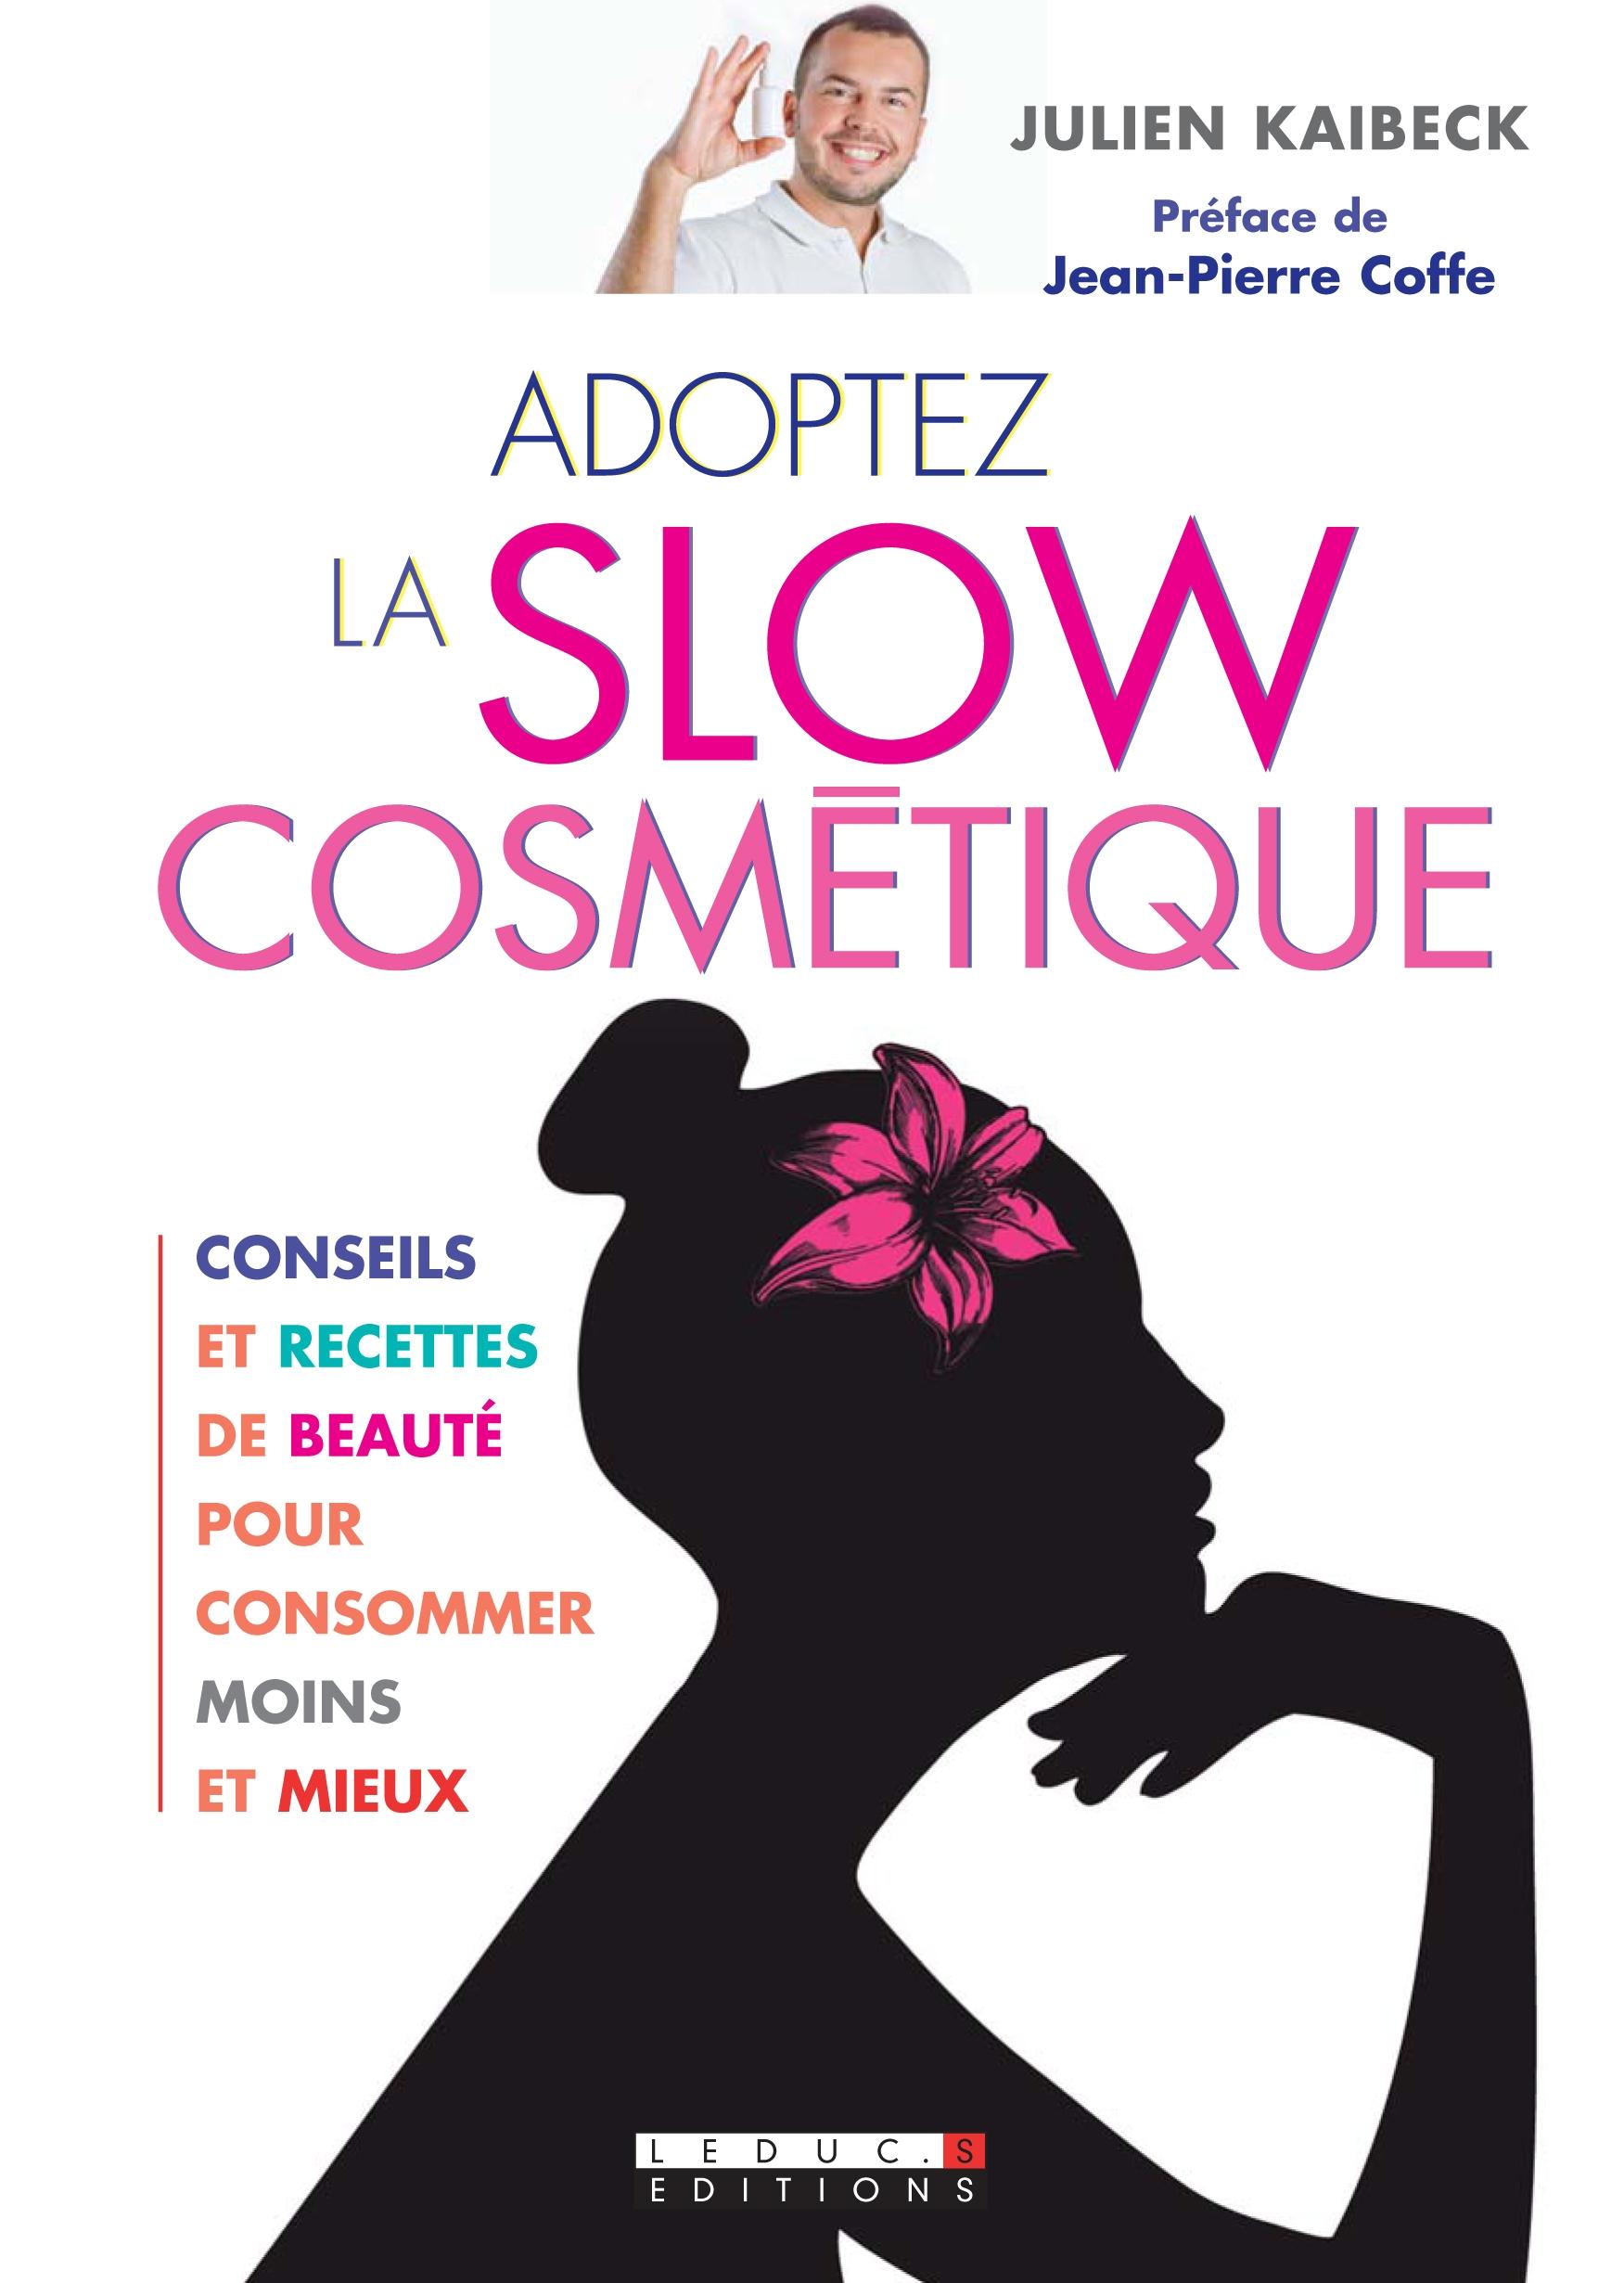 https://www.lessentieldejulien.com/wp-content/uploads/2012/03/couverture-Adoptez-la-slow-cosm%c3%a9tique-2012.jpg